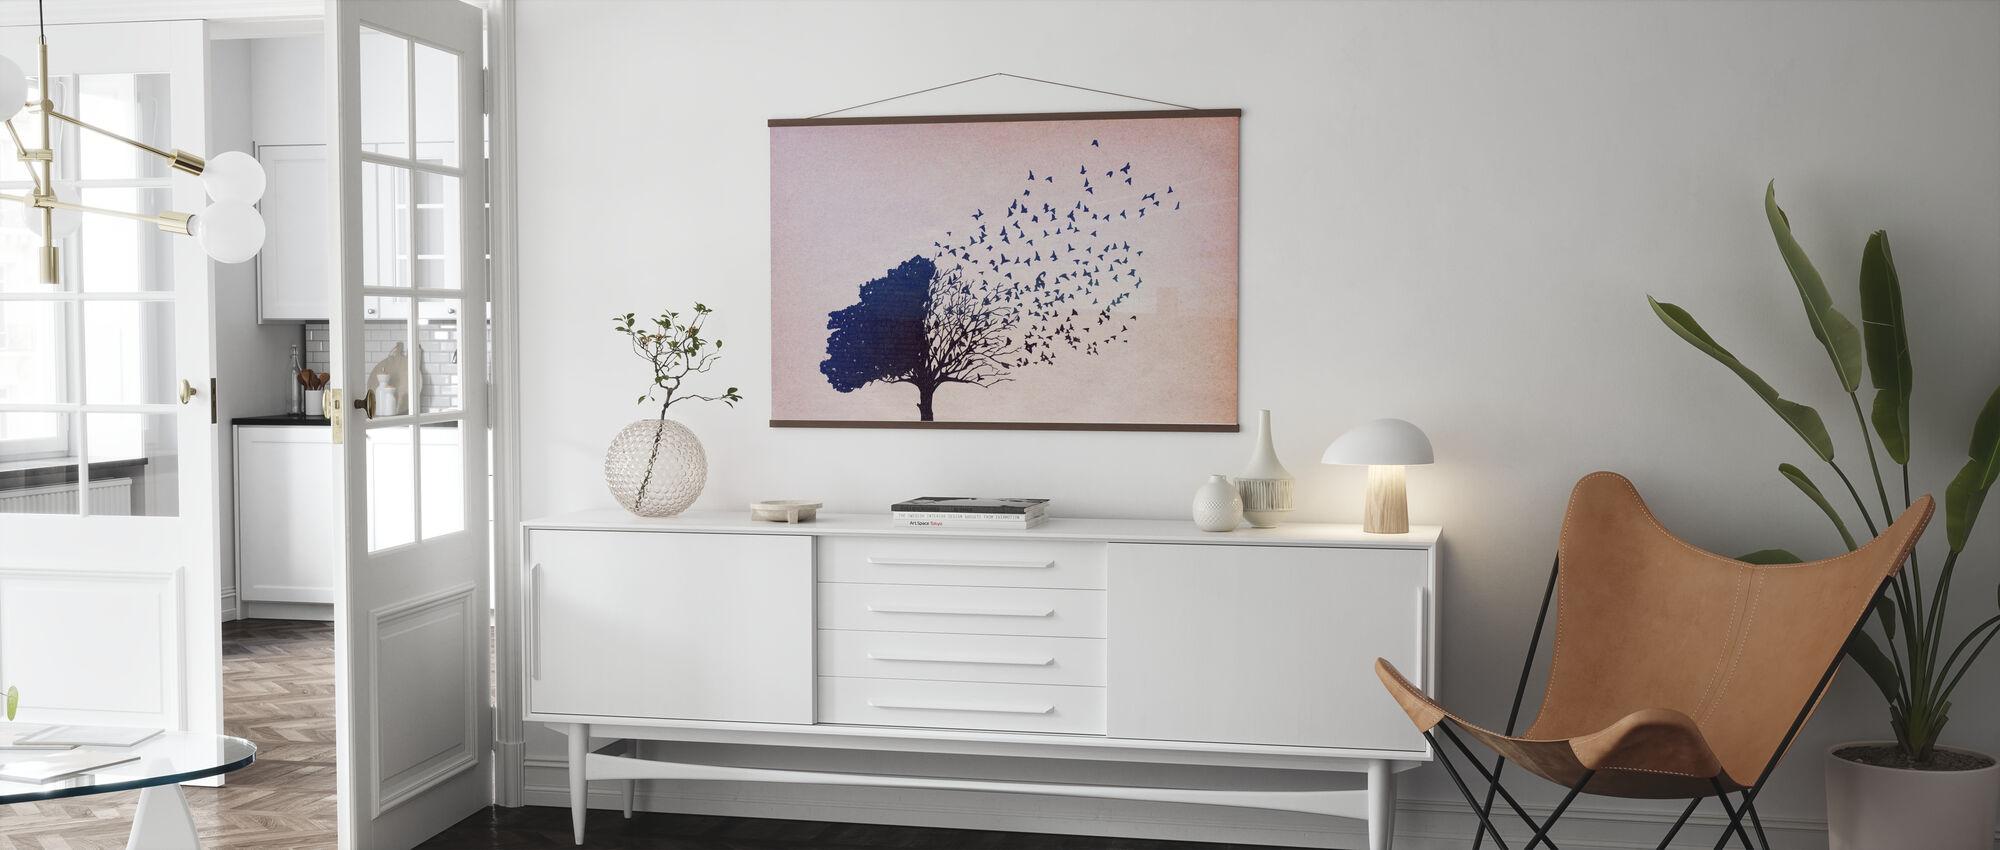 Vögel Blätter - Poster - Wohnzimmer